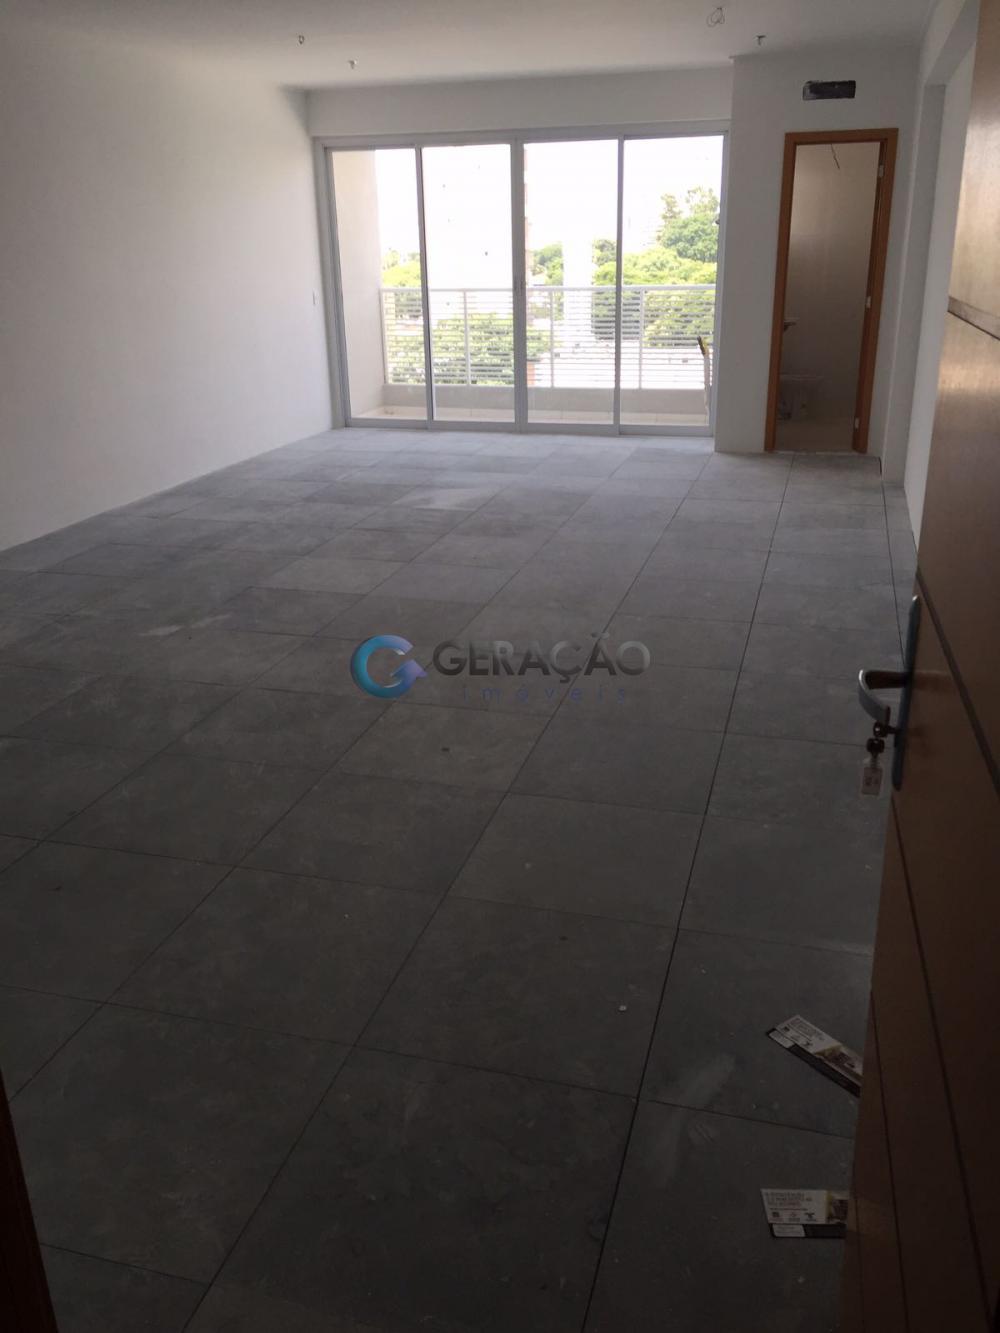 Alugar Comercial / Sala em Condomínio em São José dos Campos R$ 1.600,00 - Foto 5